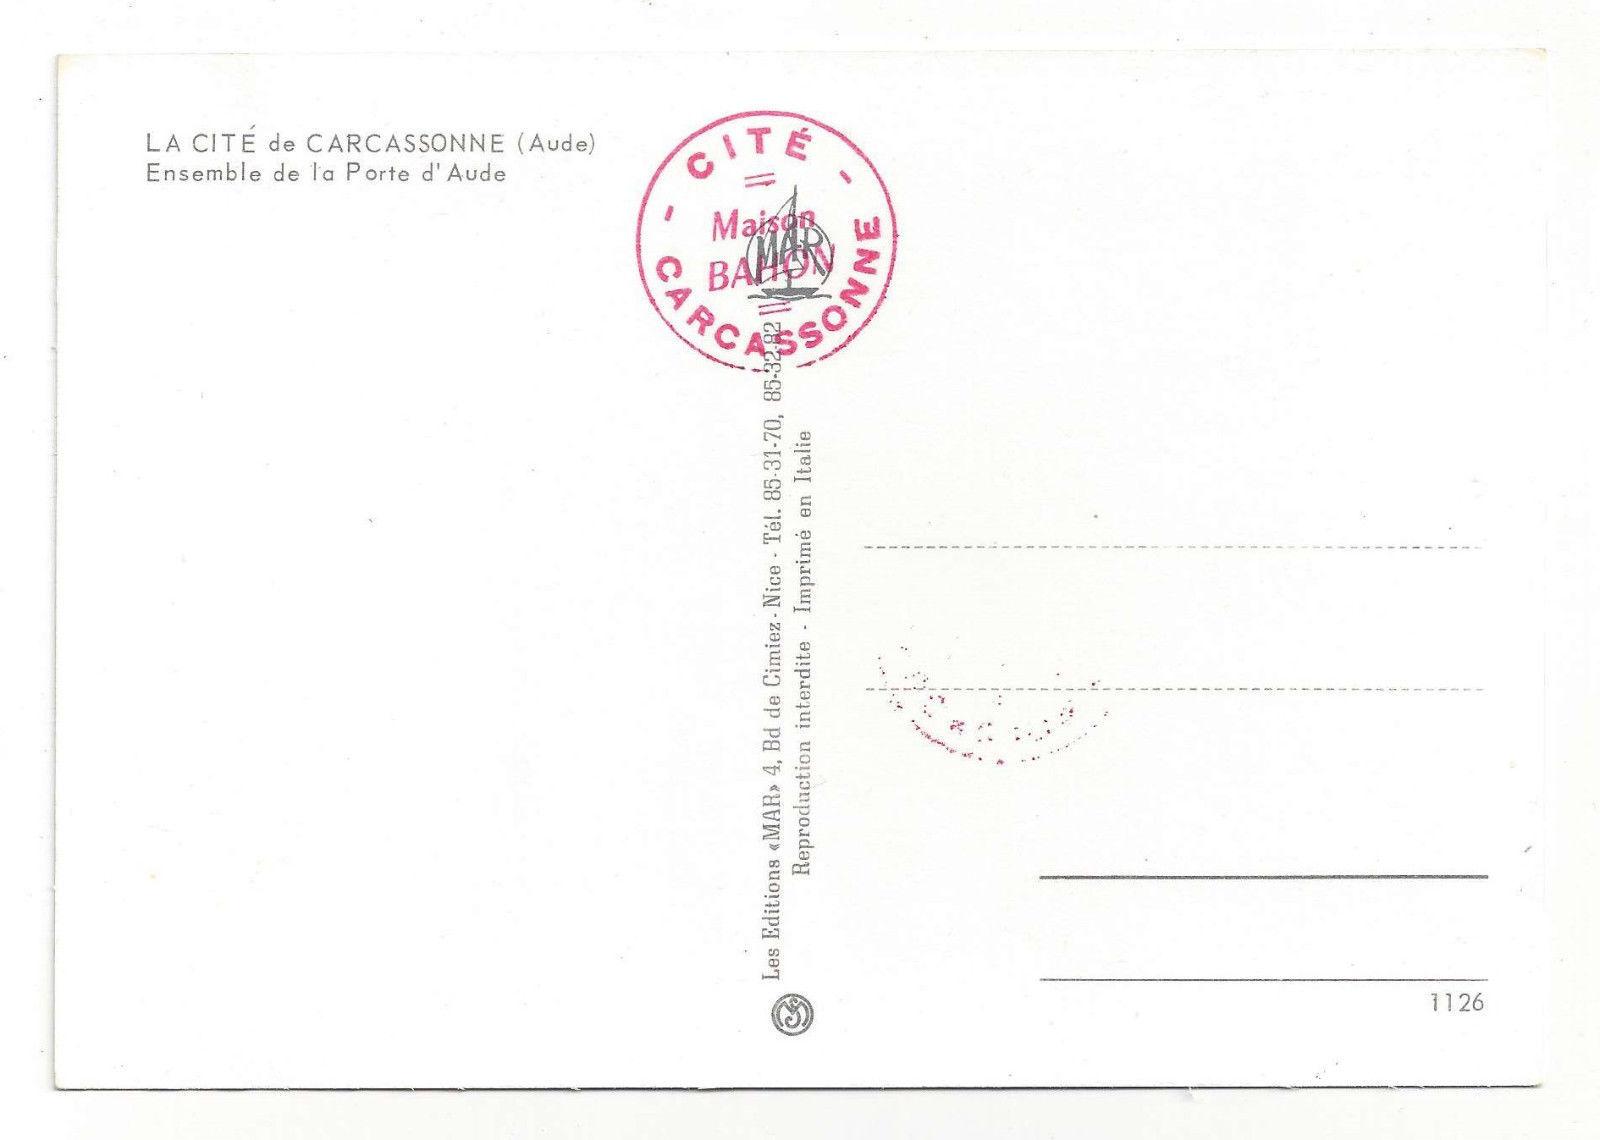 France Cite Carcassone Fort Citadel Castle Porte d'Aude Vtg Chrome Postcard 4X6